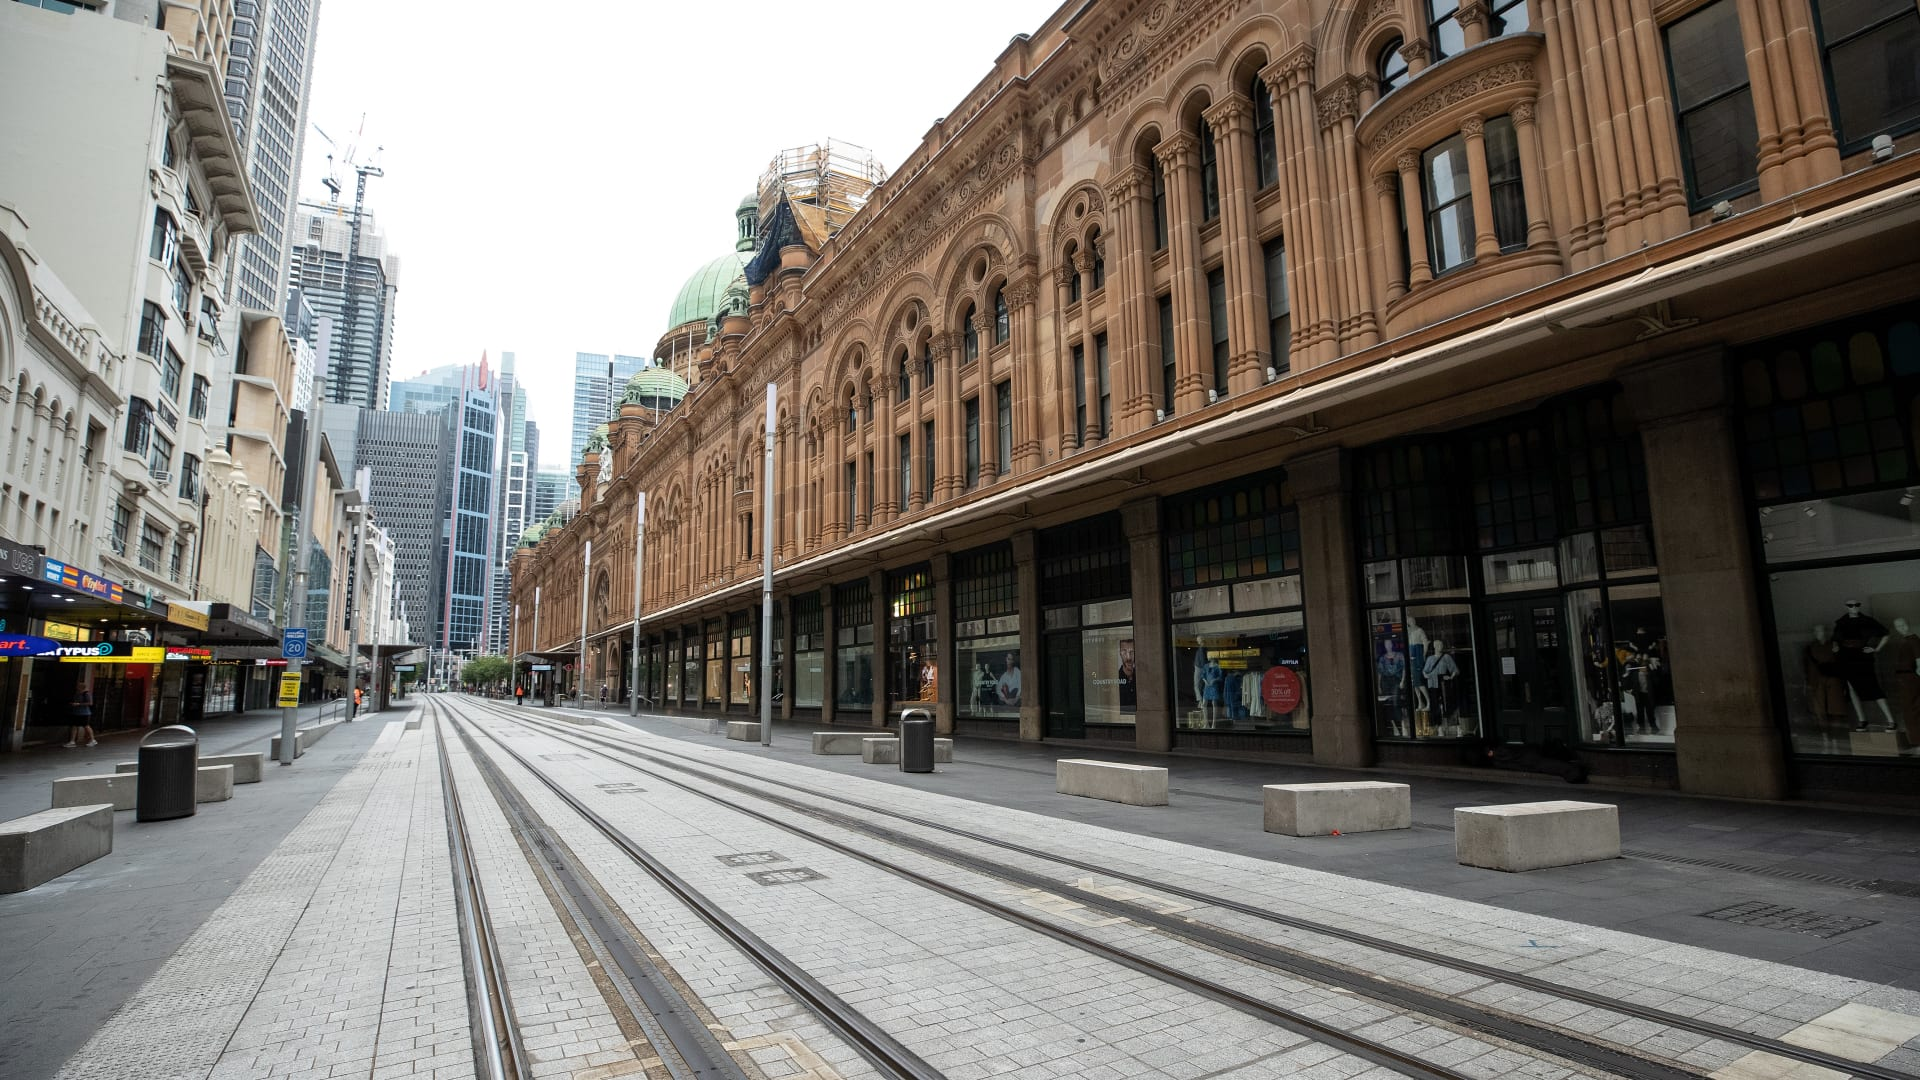 لأول مرة منذ 3 عقود.. الاقتصاد الأسترالي في حالة ركود تاريخي